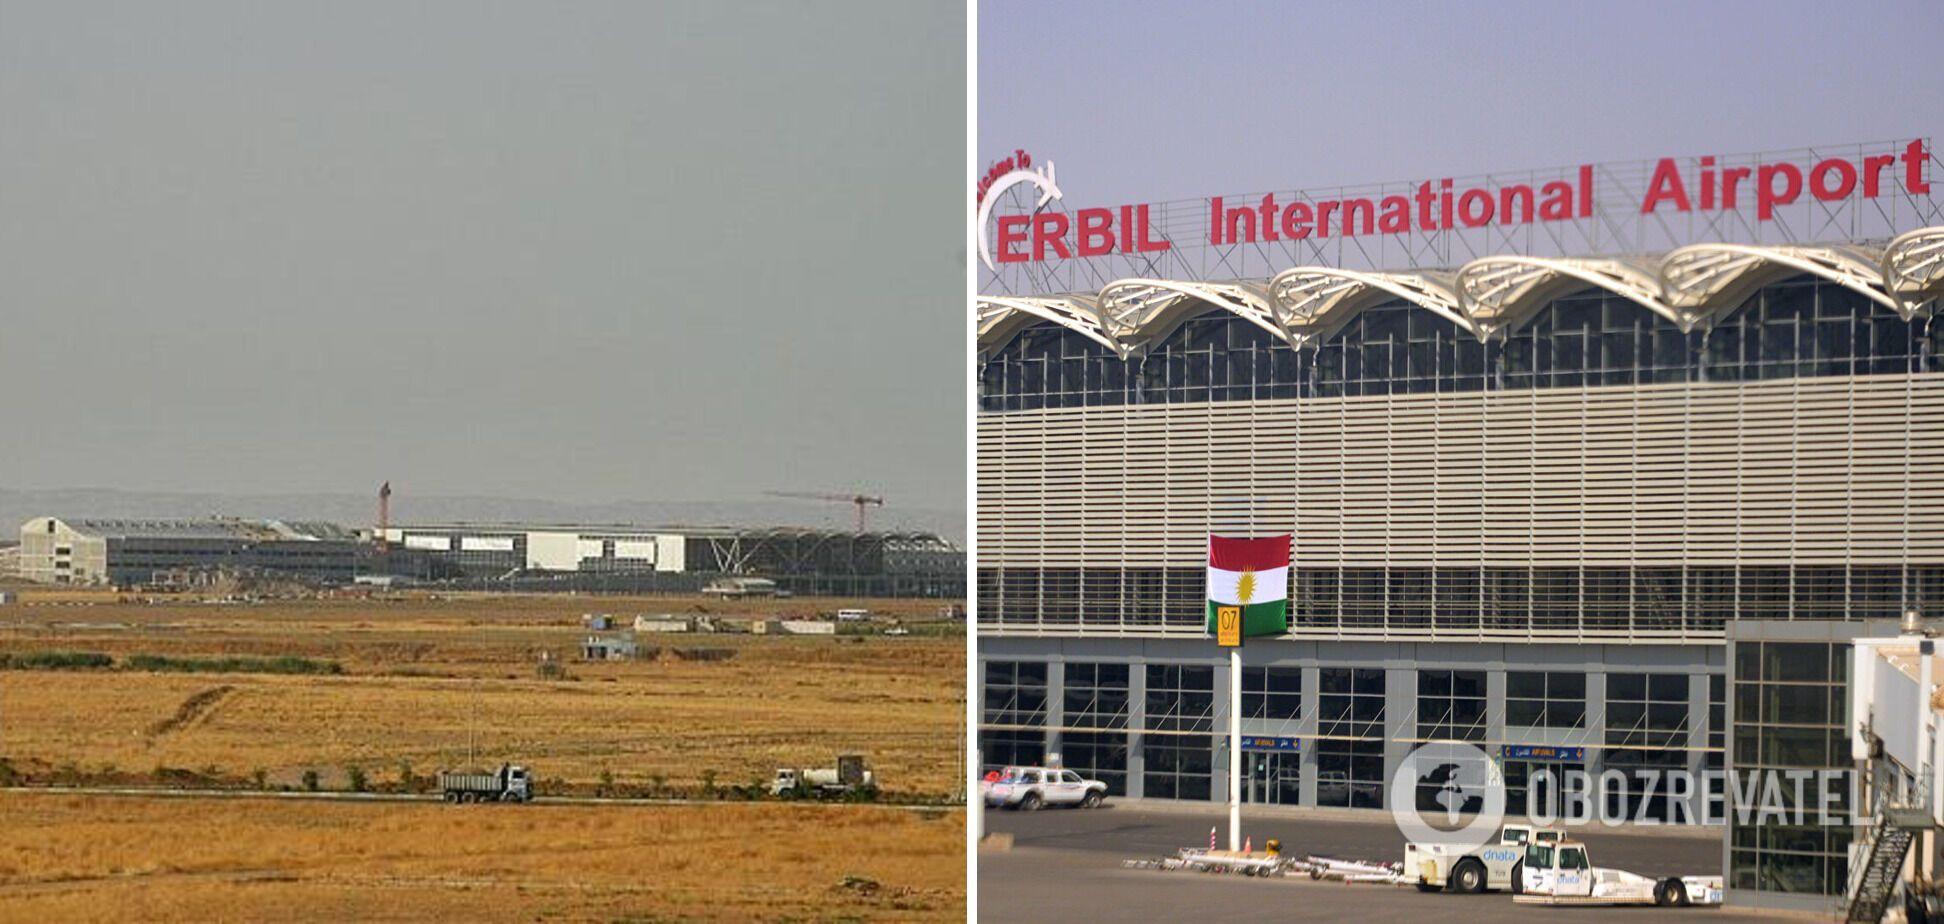 Аеропорт в Ербілі.